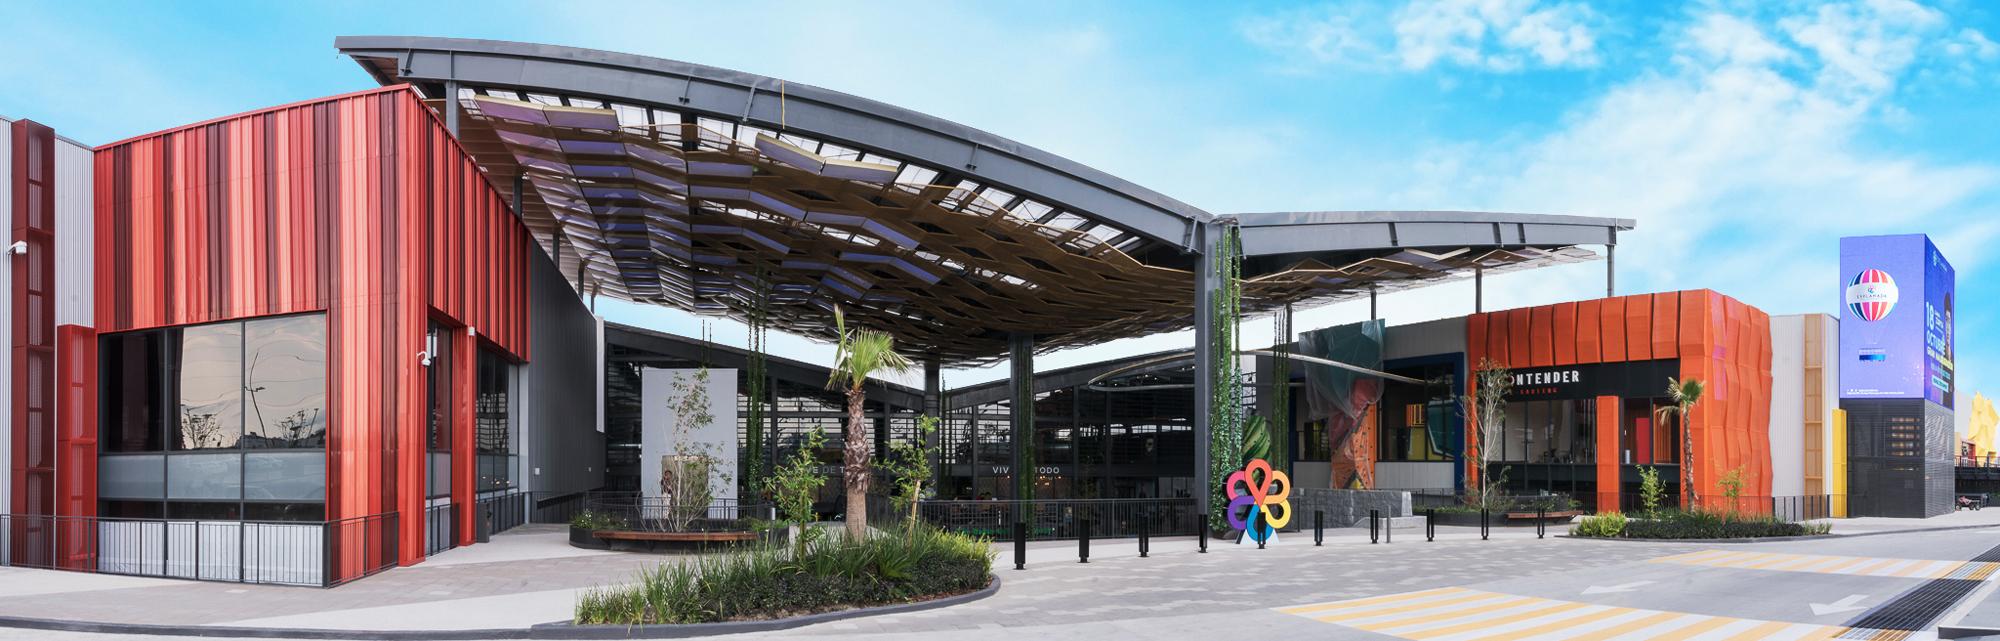 Gicsa fusiona el retail con su Malltertainment